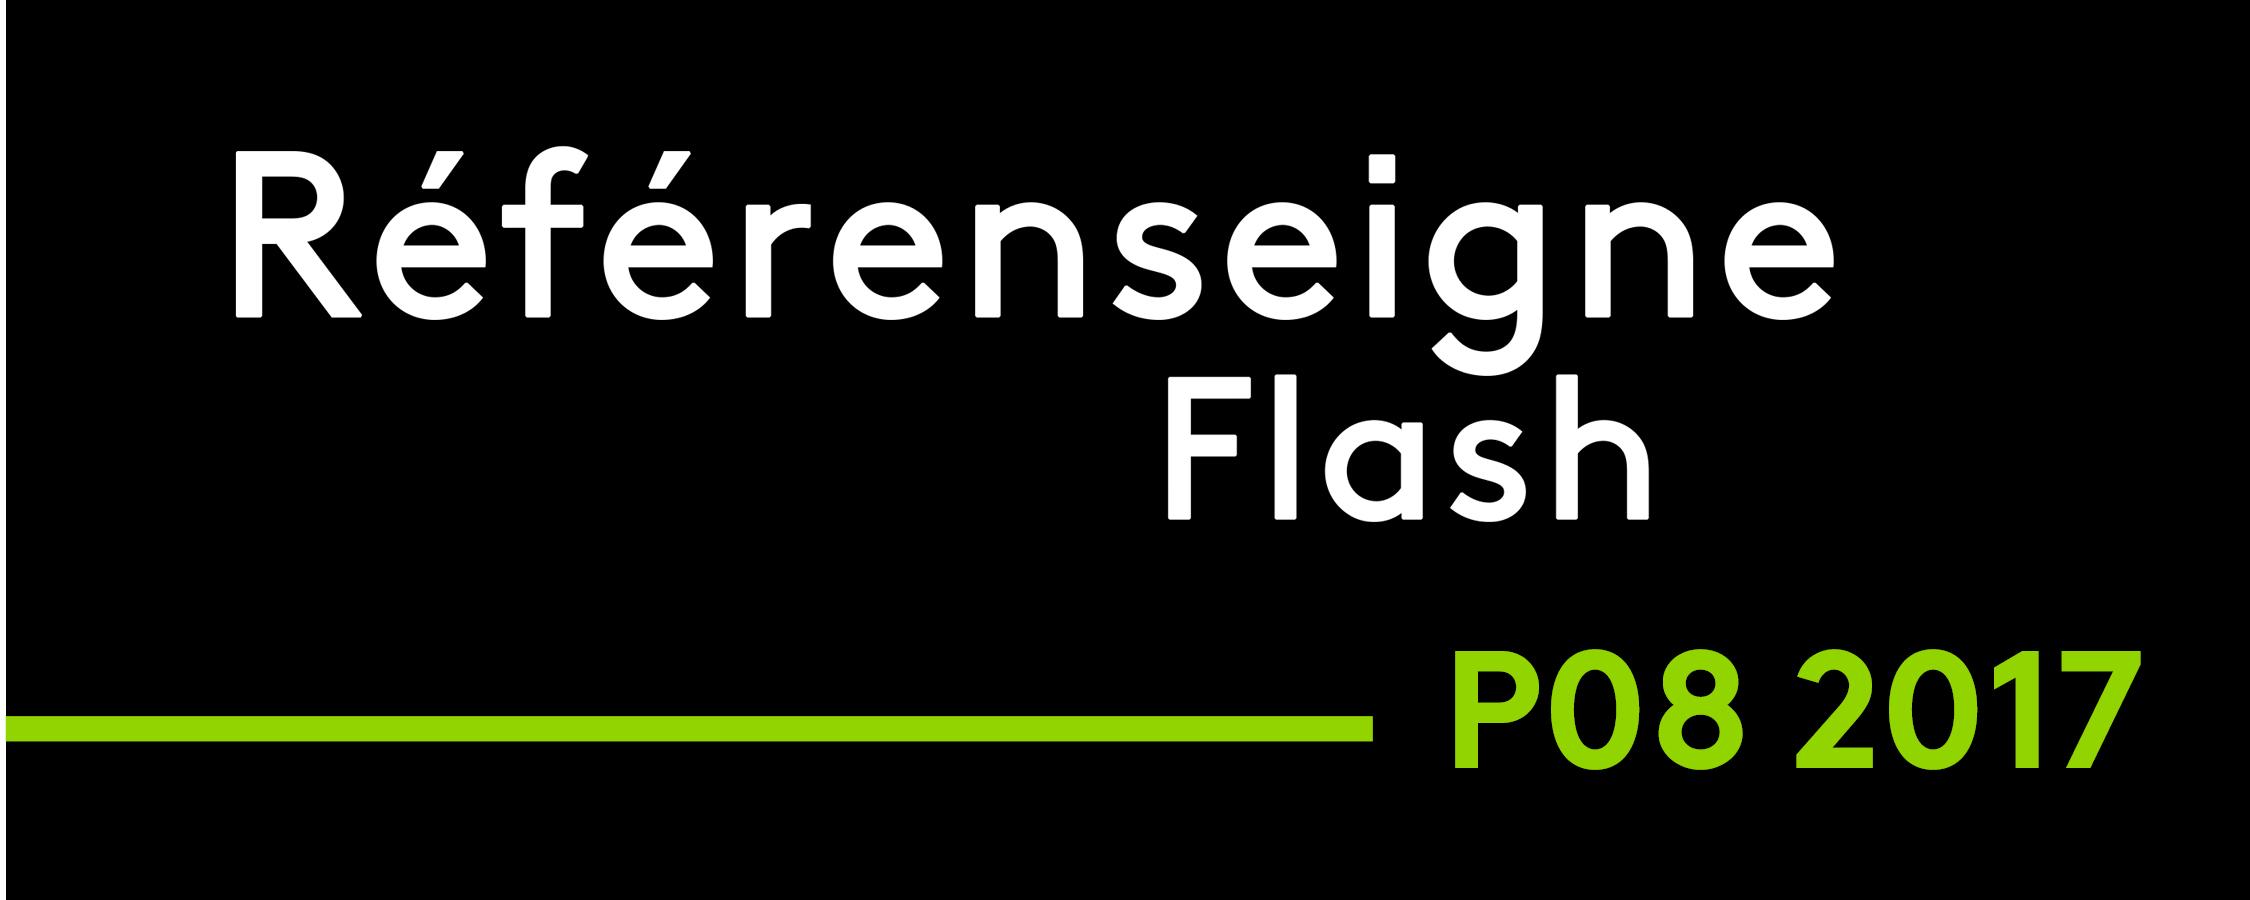 Tendances Consommation et Enseignes P08 2017